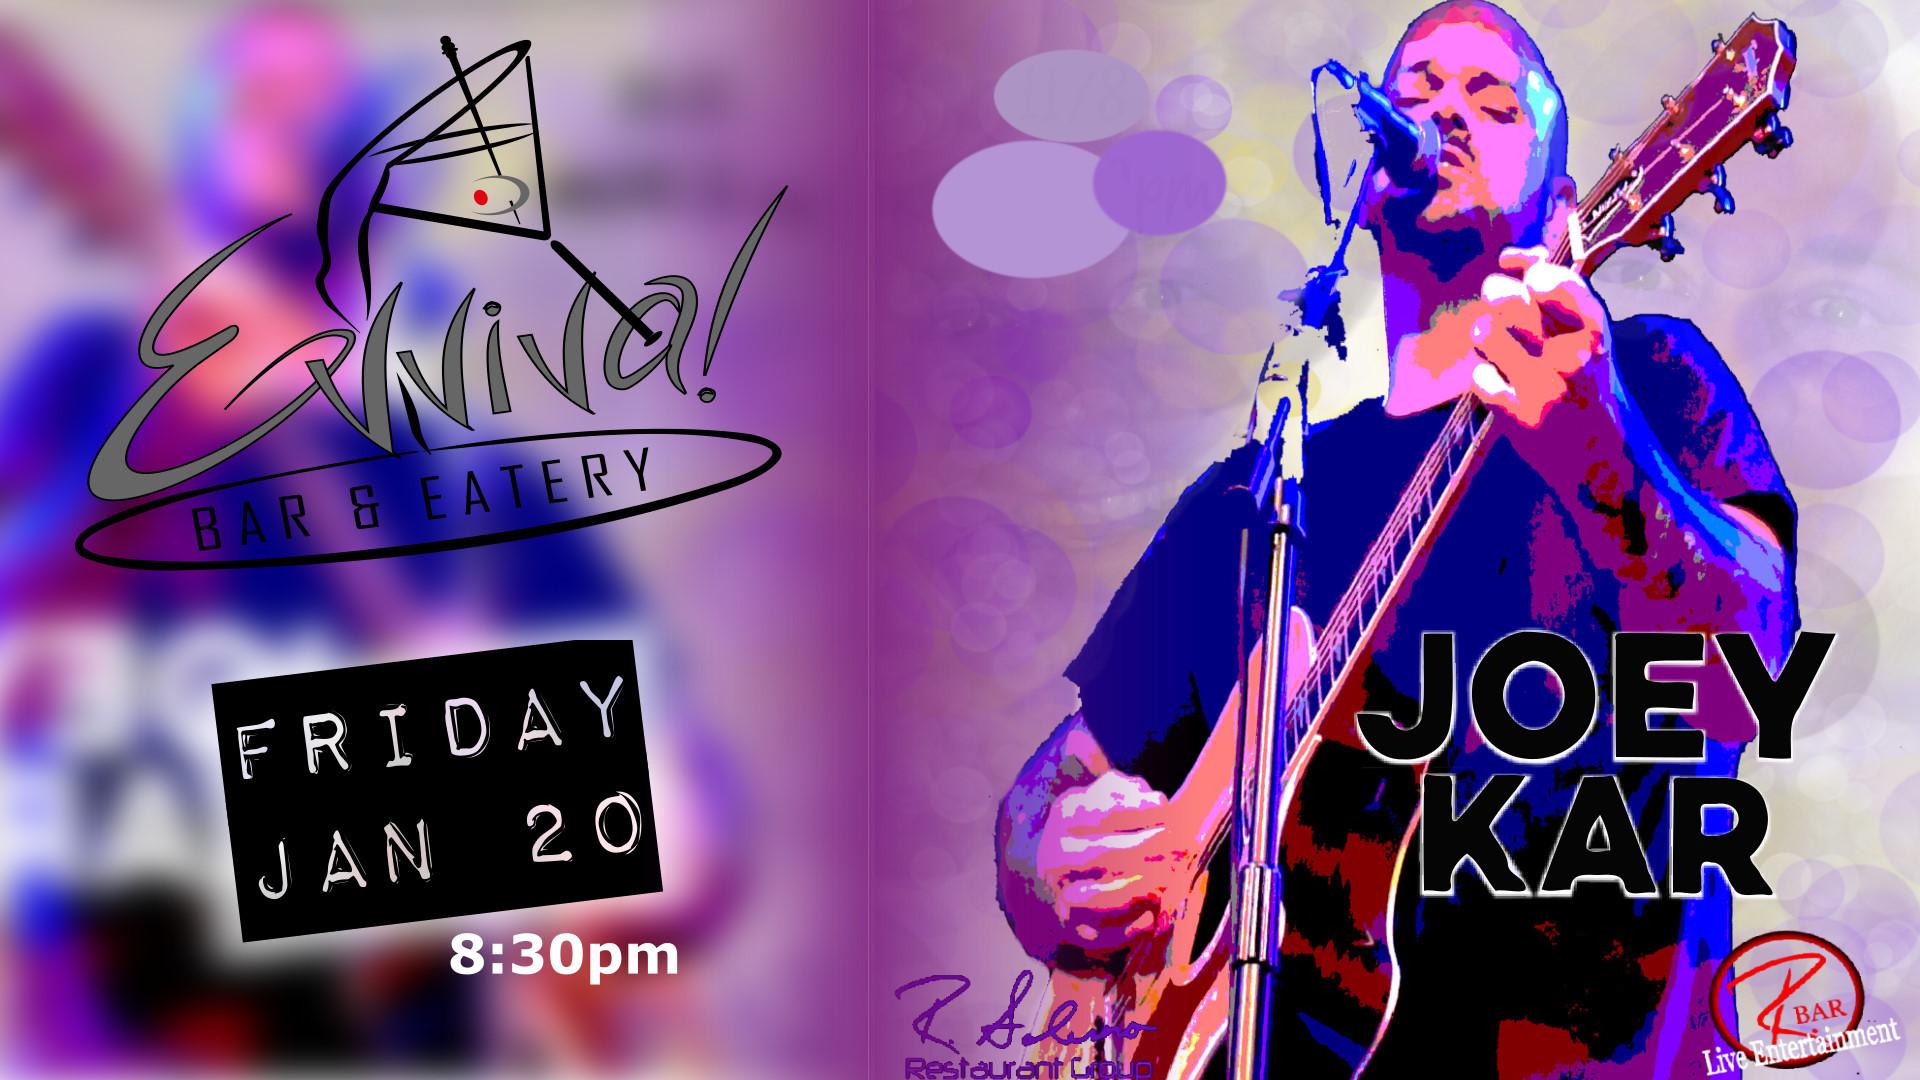 Joey Kar - Live Entertainment @ Evviva! Bar & Eatery